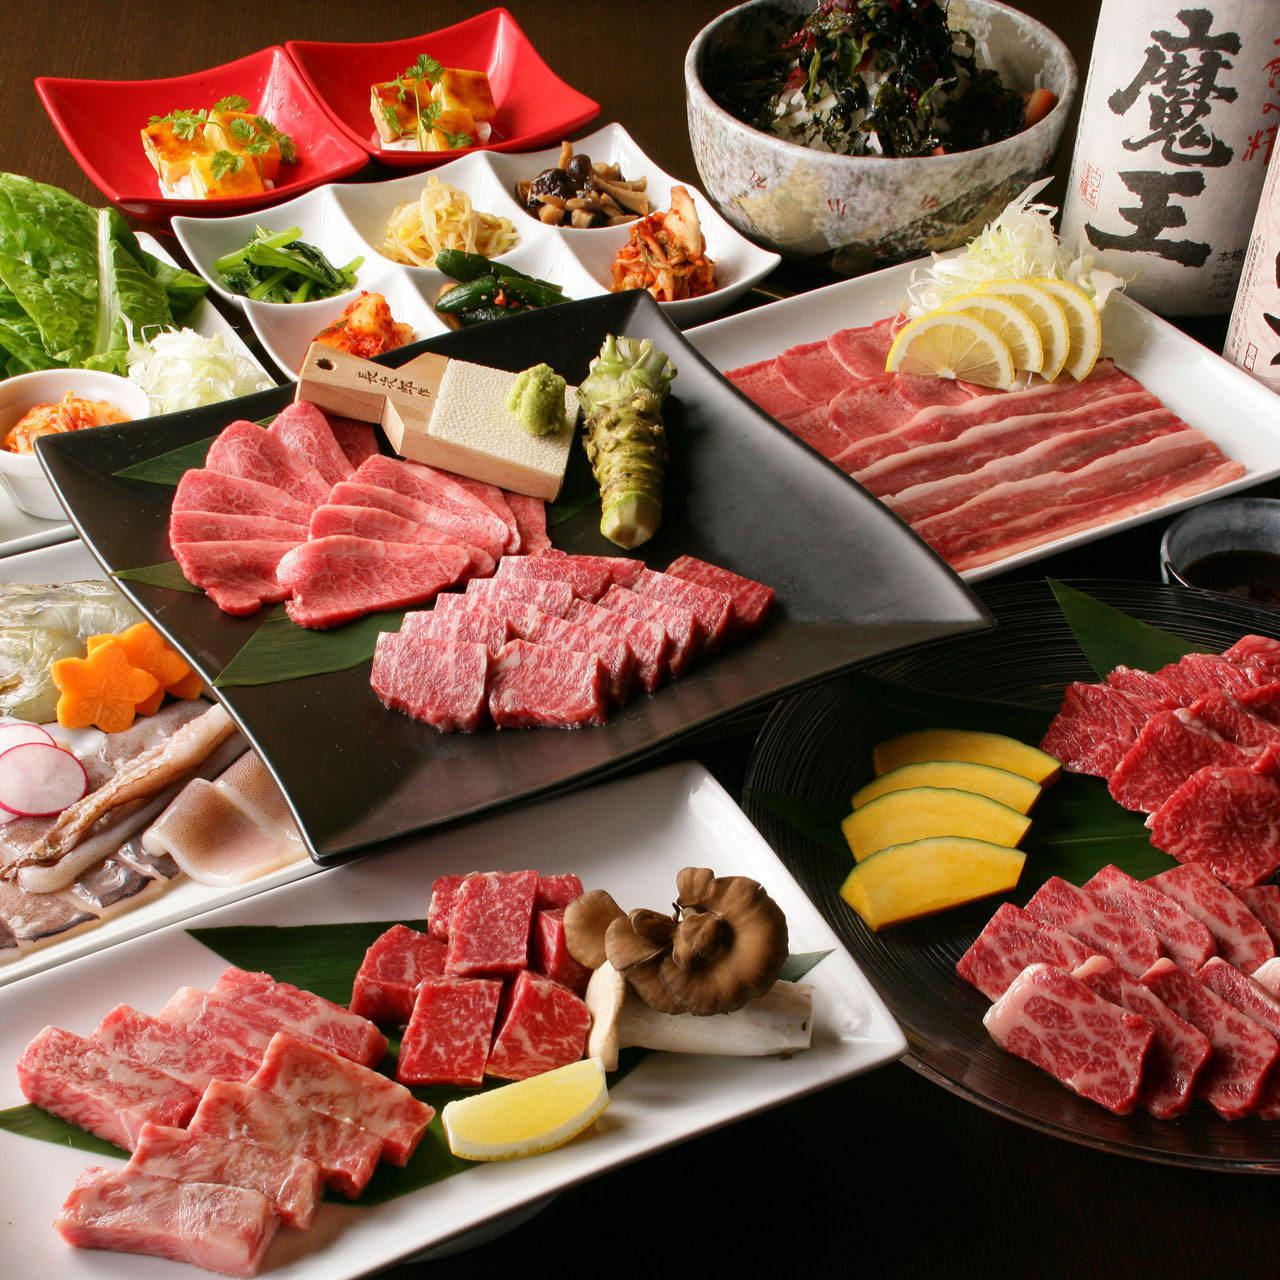 【ランチ限定】燦家 昼食会の特別コース 全9品3,500円